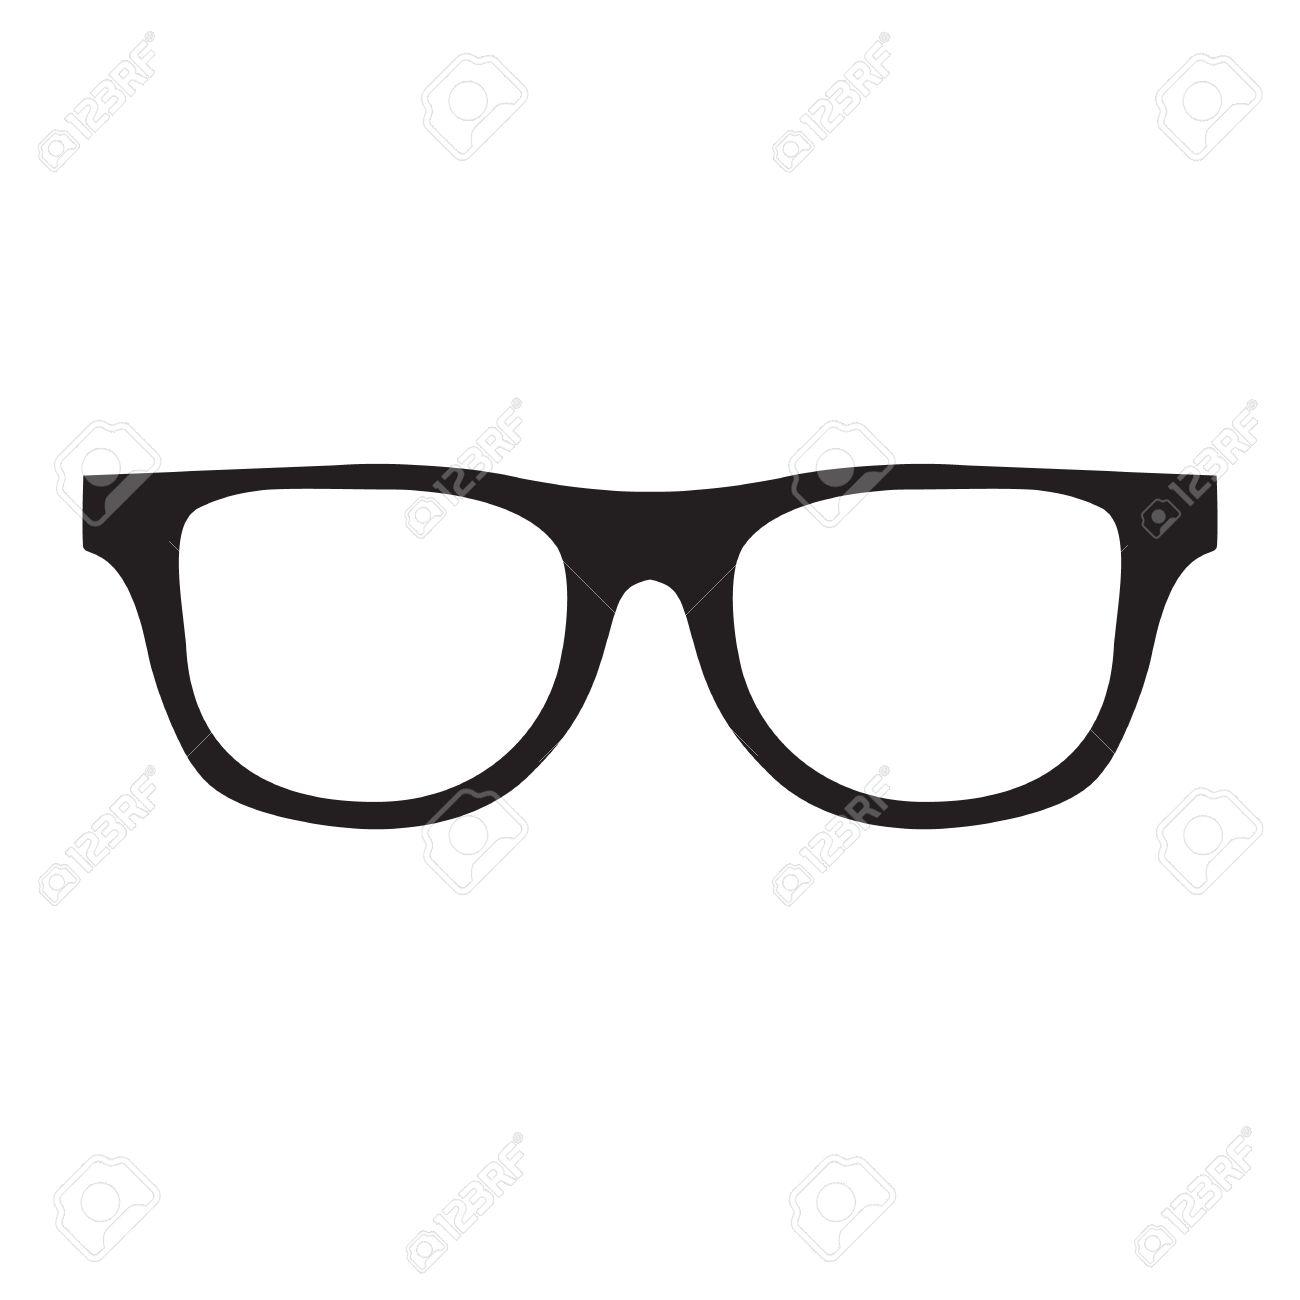 ec1f250c52 Hipster Glasses Icon. Unisex glasses black. raster illustration Stock  Illustration - 69162859